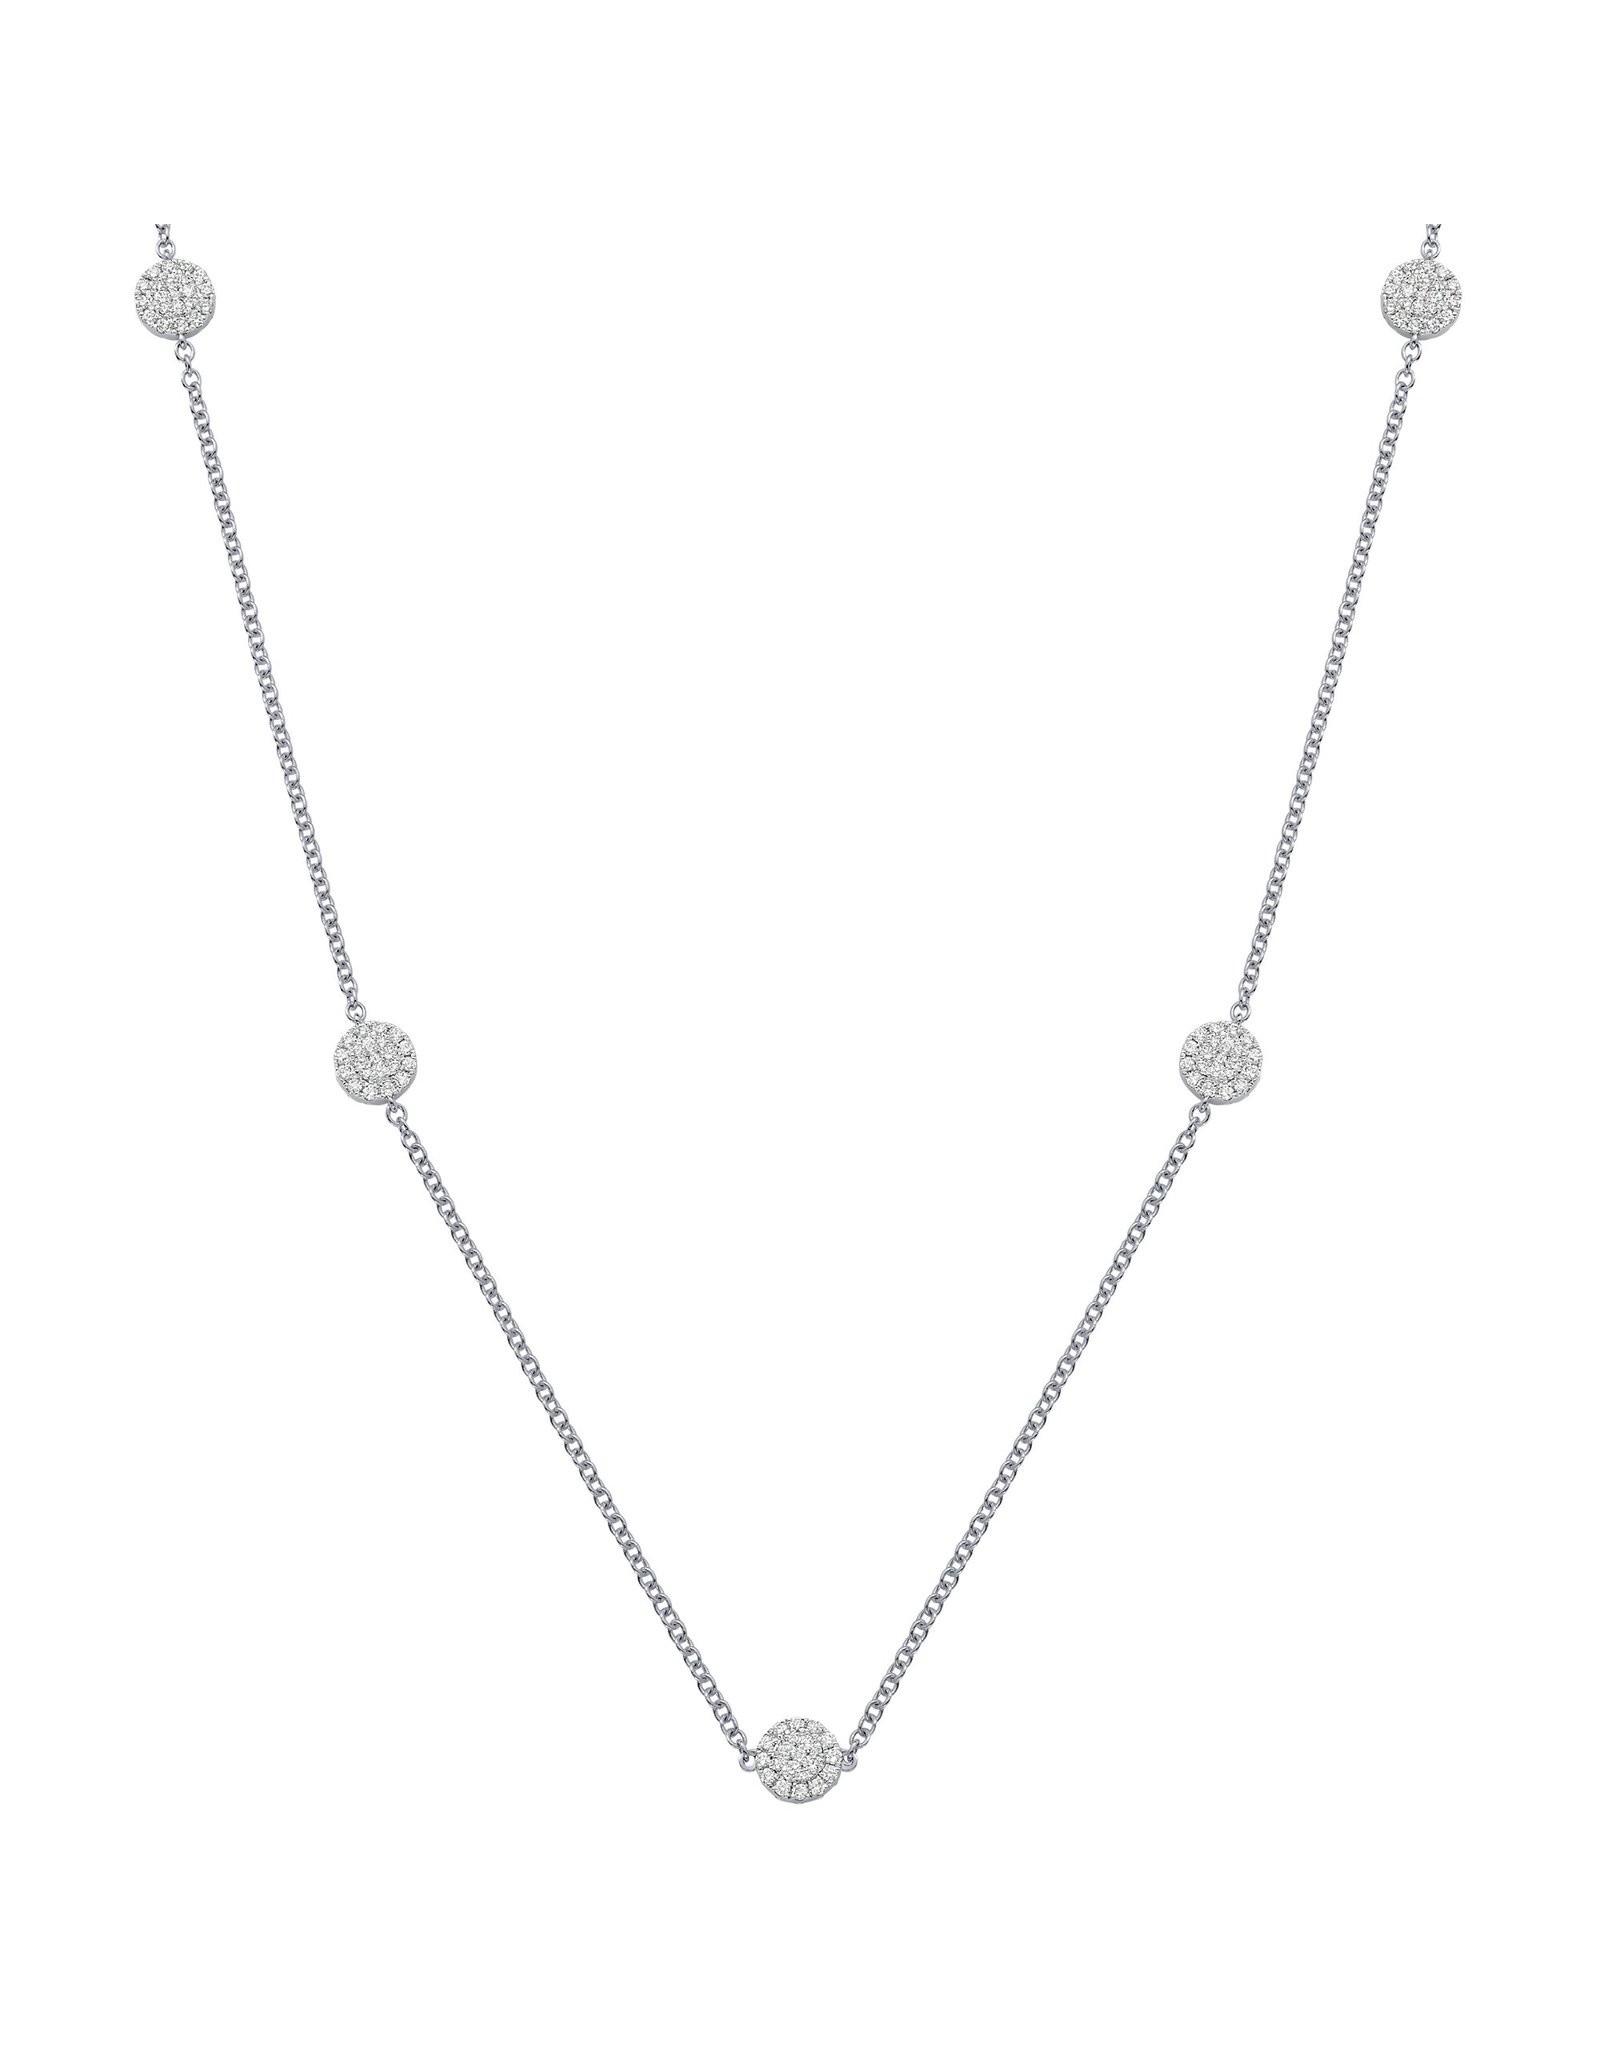 Sara Weinstock Sara Weinstock Reverie Necklace - White Gold